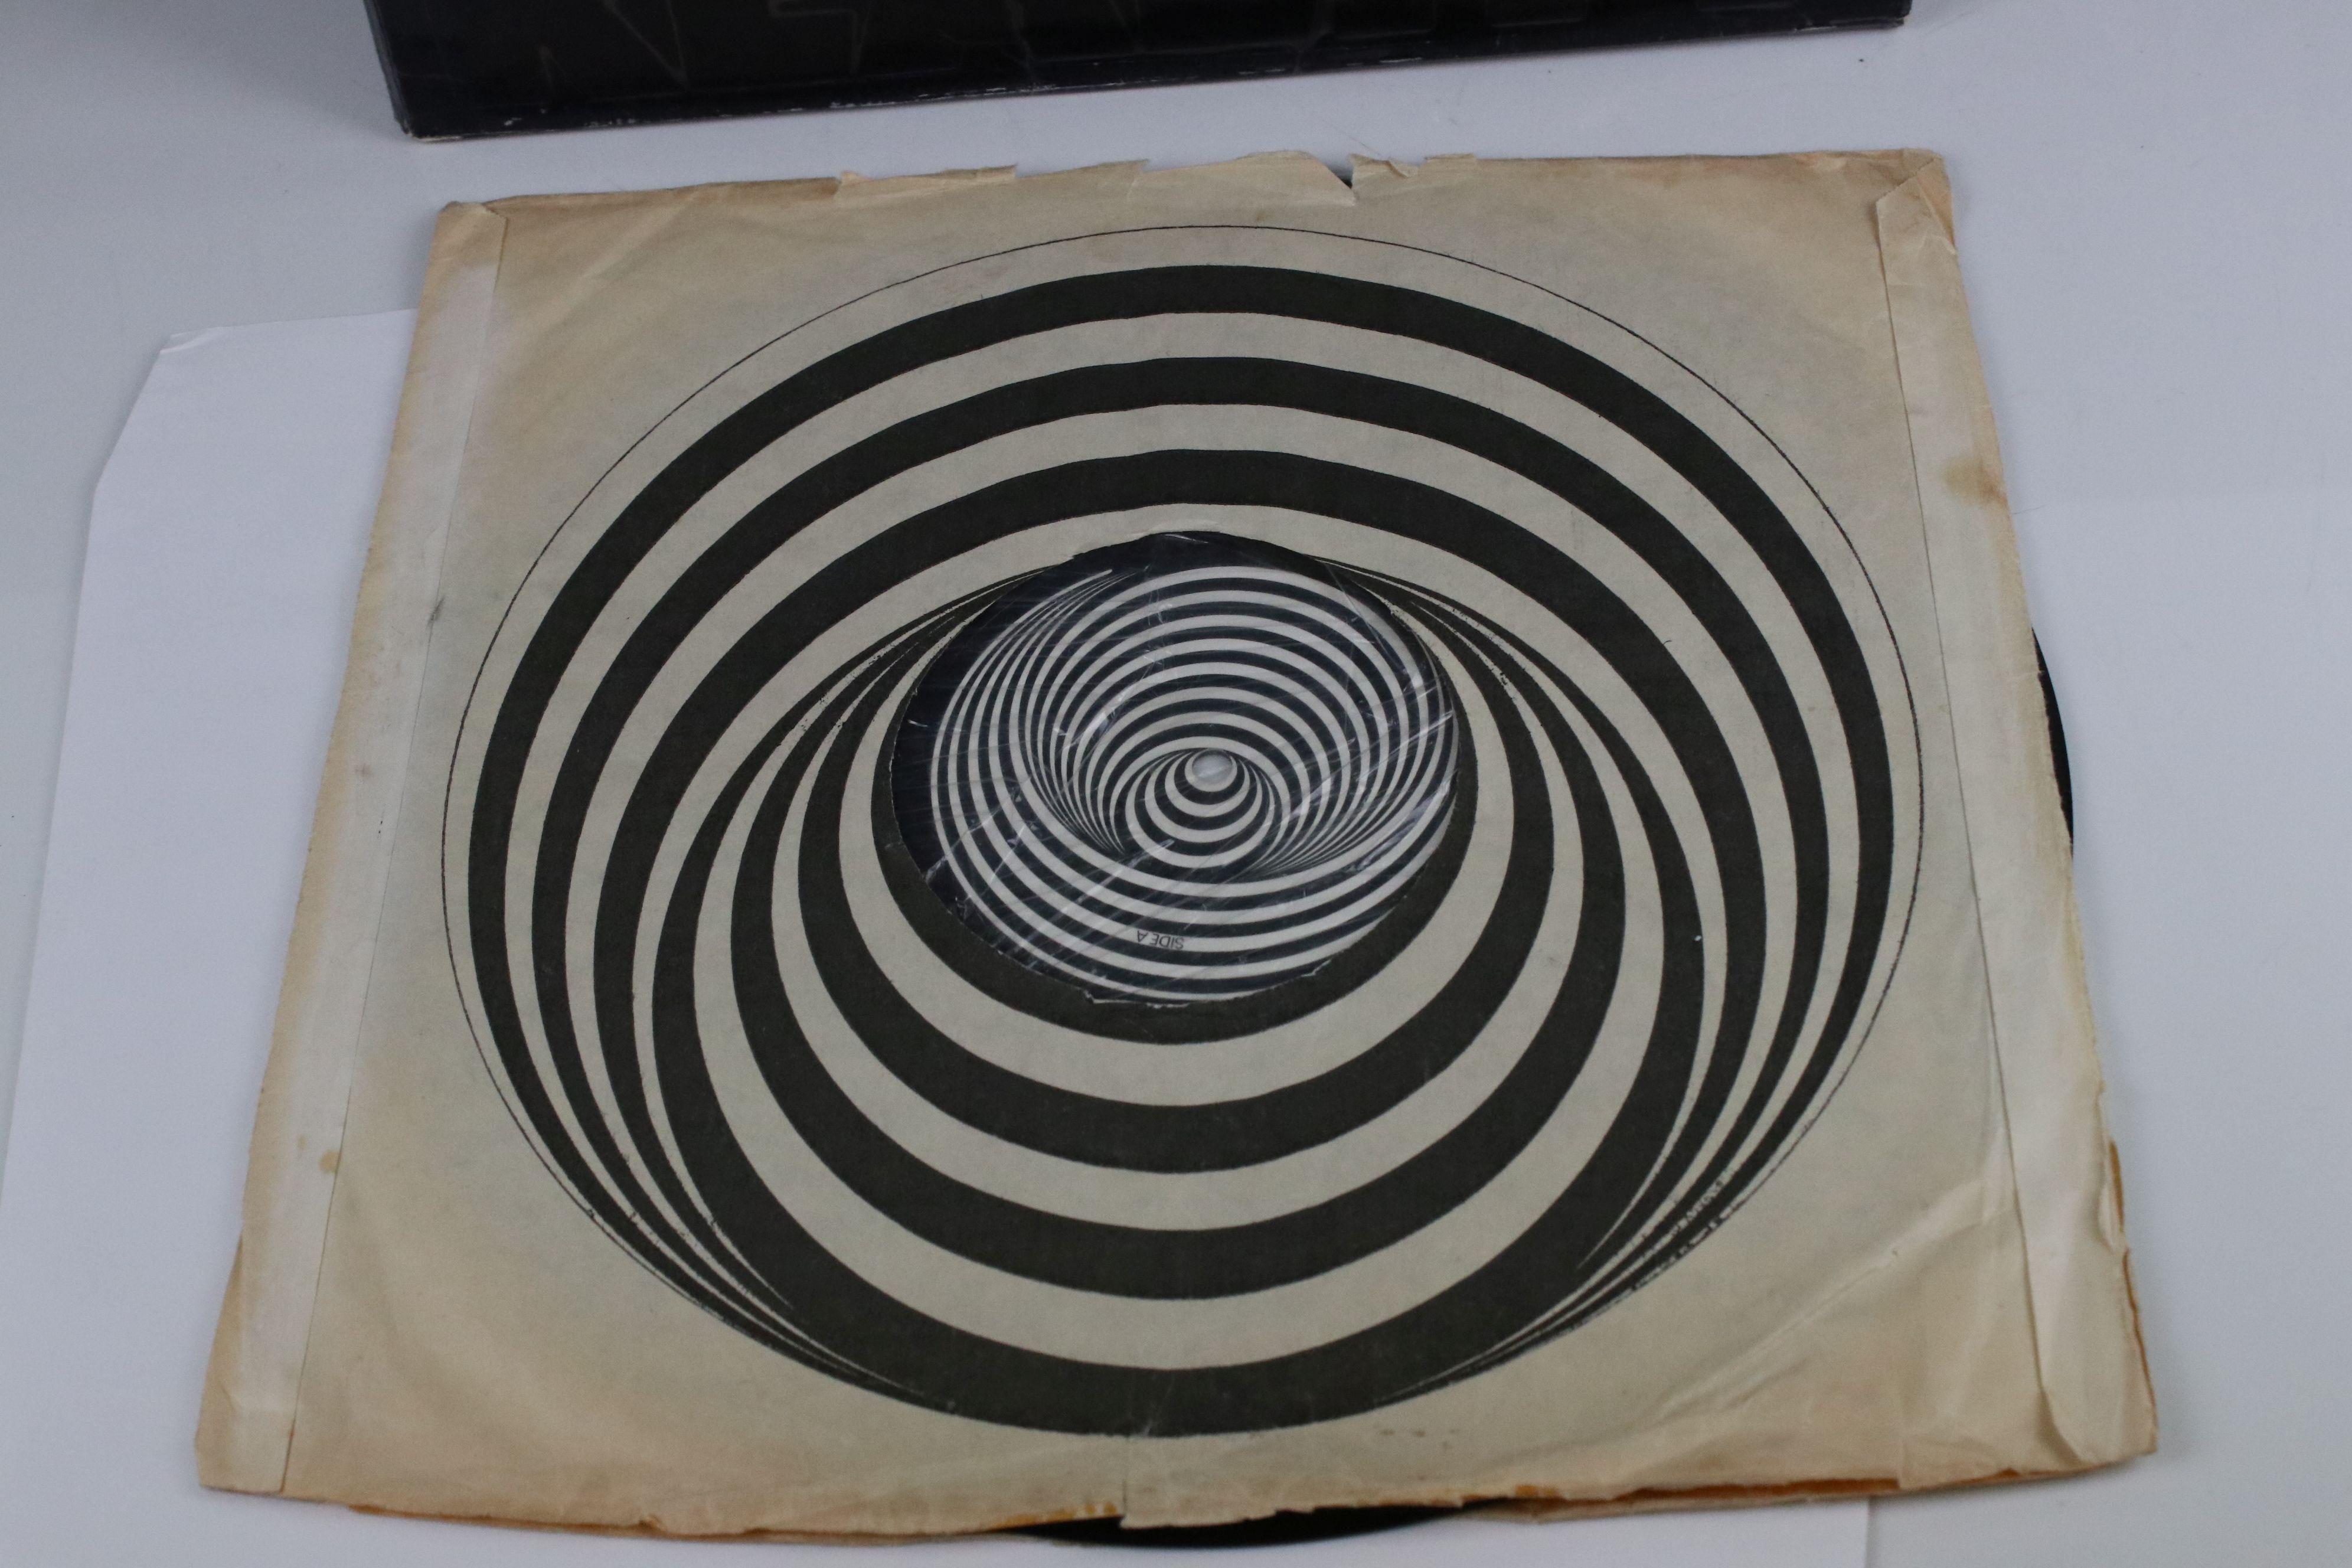 Vinyl - Black Sabbath Masters of Reality LP on Vertigo 6360050, box cover, no poster, Vertigo - Image 5 of 6